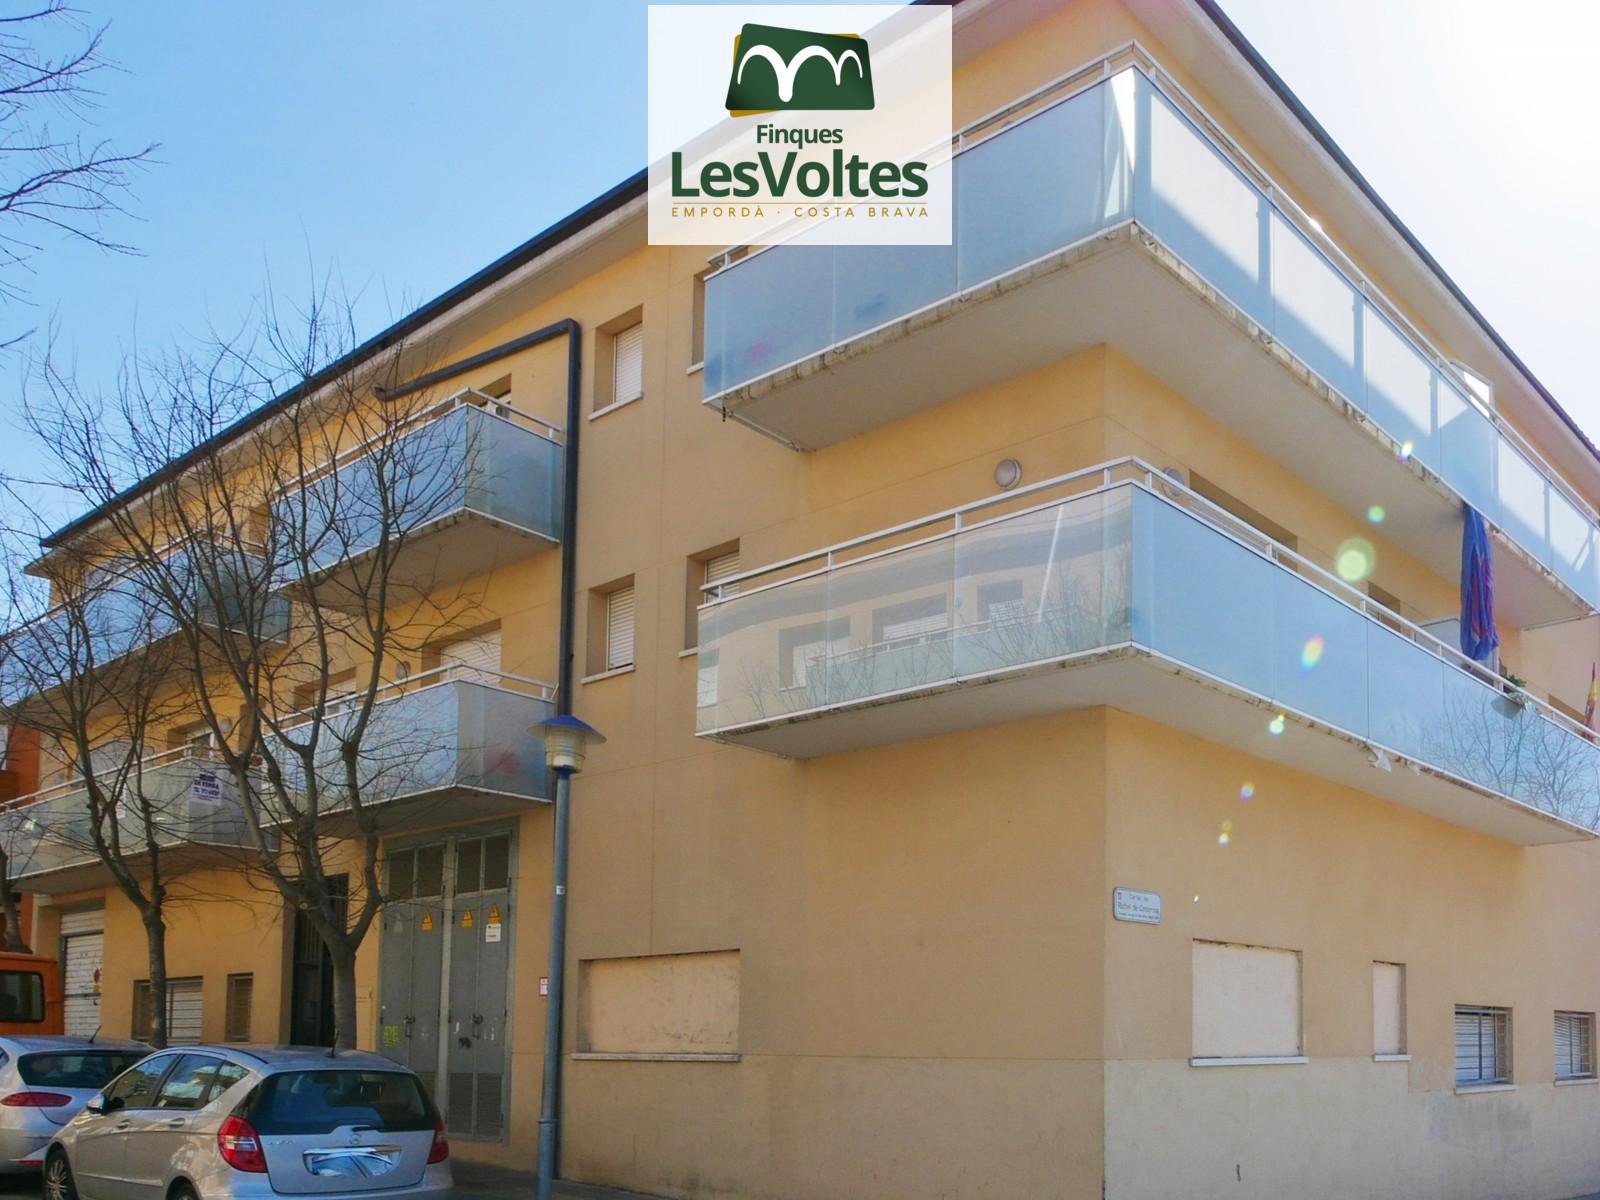 Pis de 2 habitacions amb balcó en venda a Palafrugell. Comunitat amb ascensor.